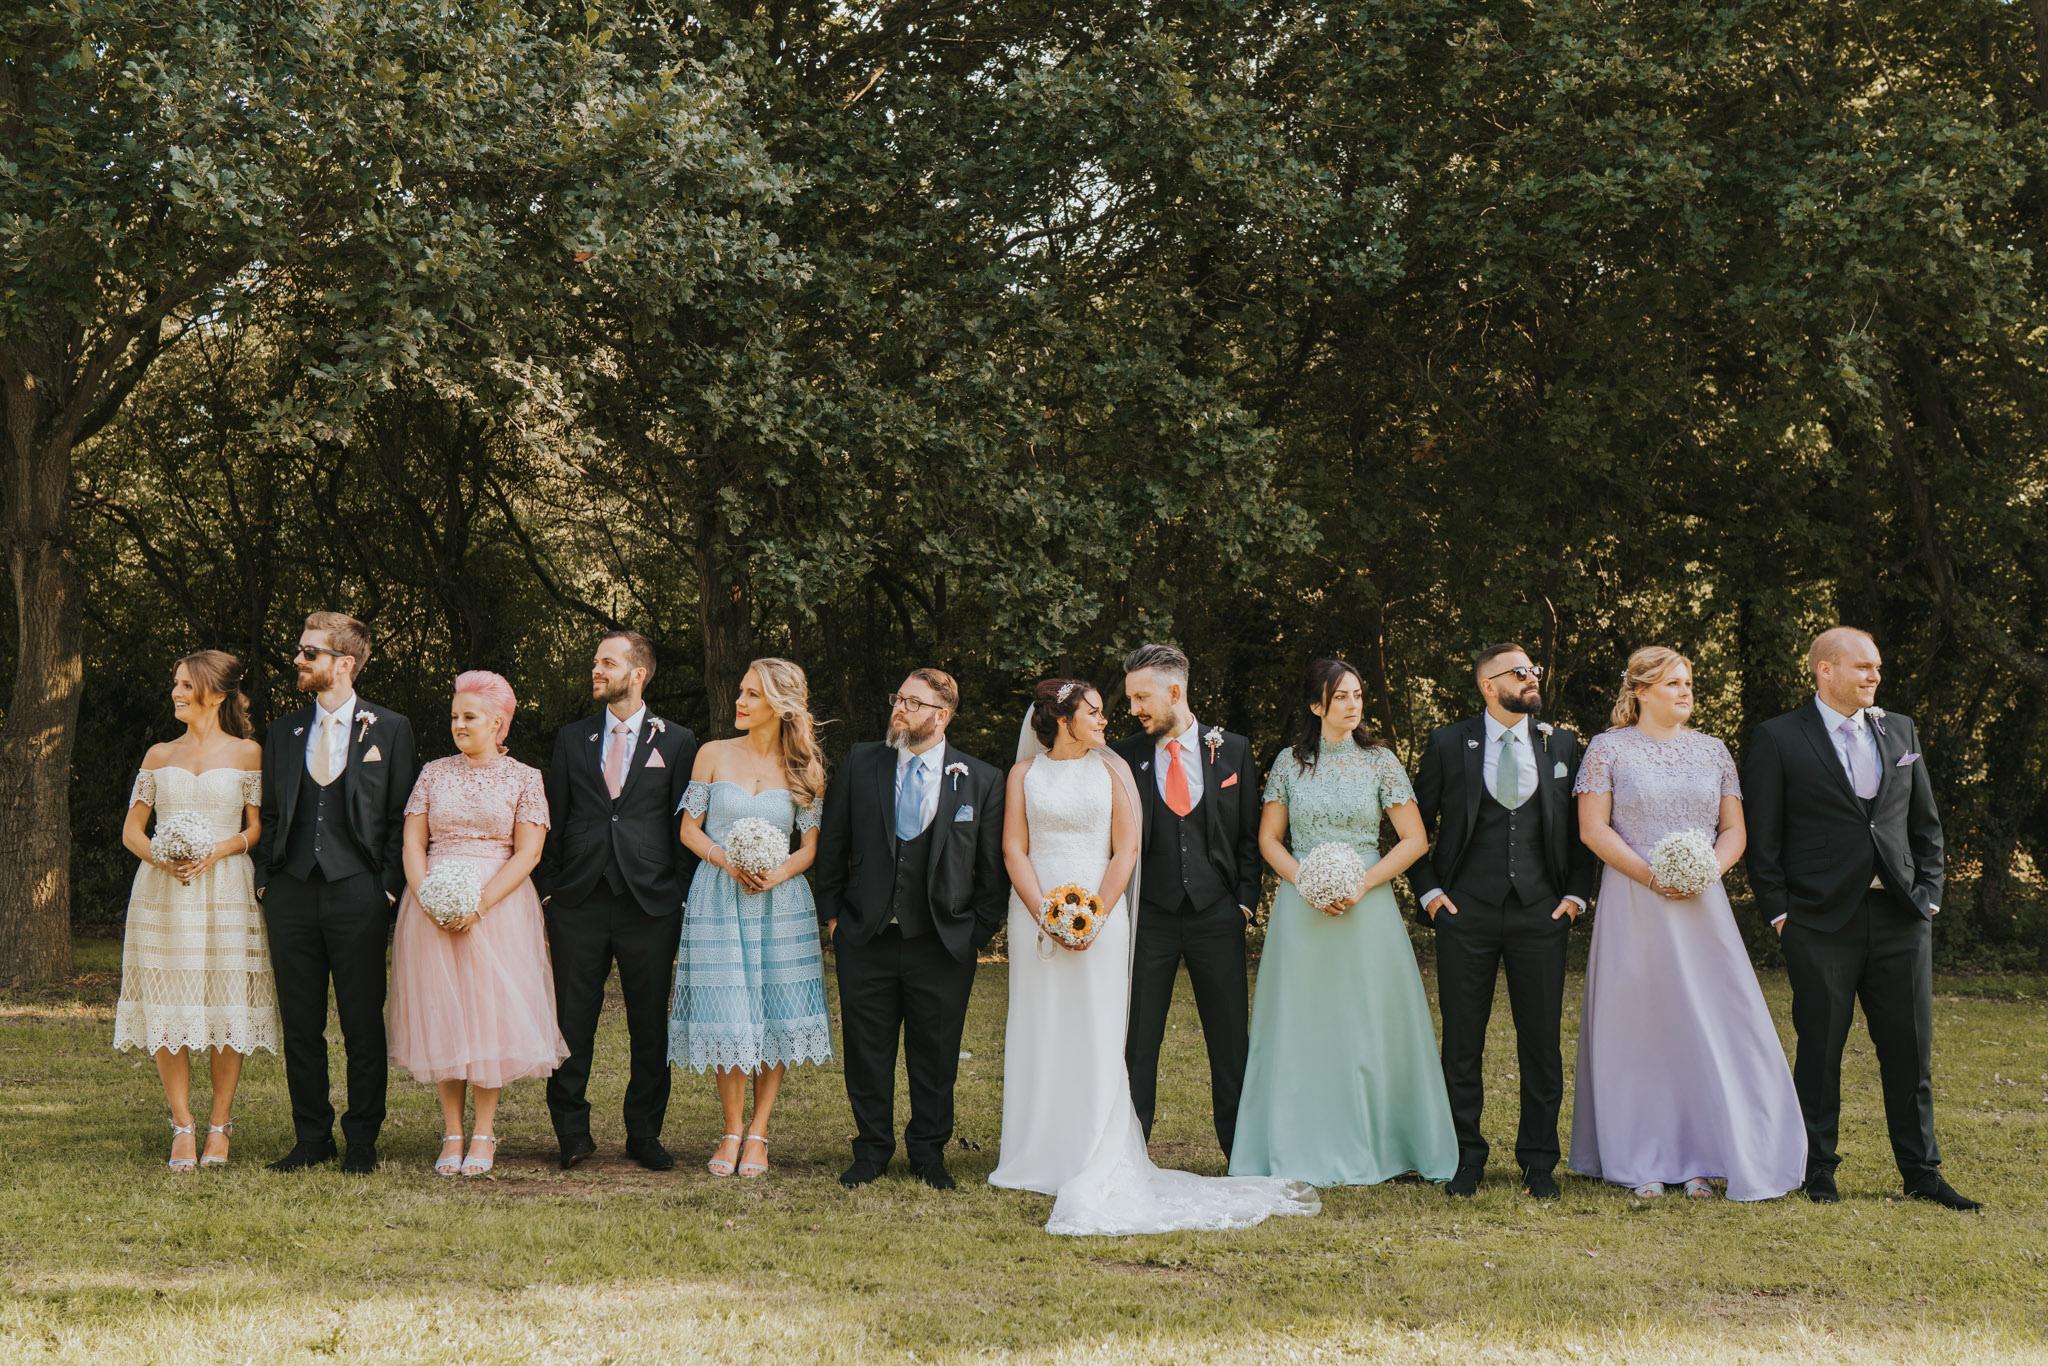 grace-elizabeth-essex-wedding-photographer-best-2018-highlights-norfolk-essex-devon-suffolk (59 of 100).jpg